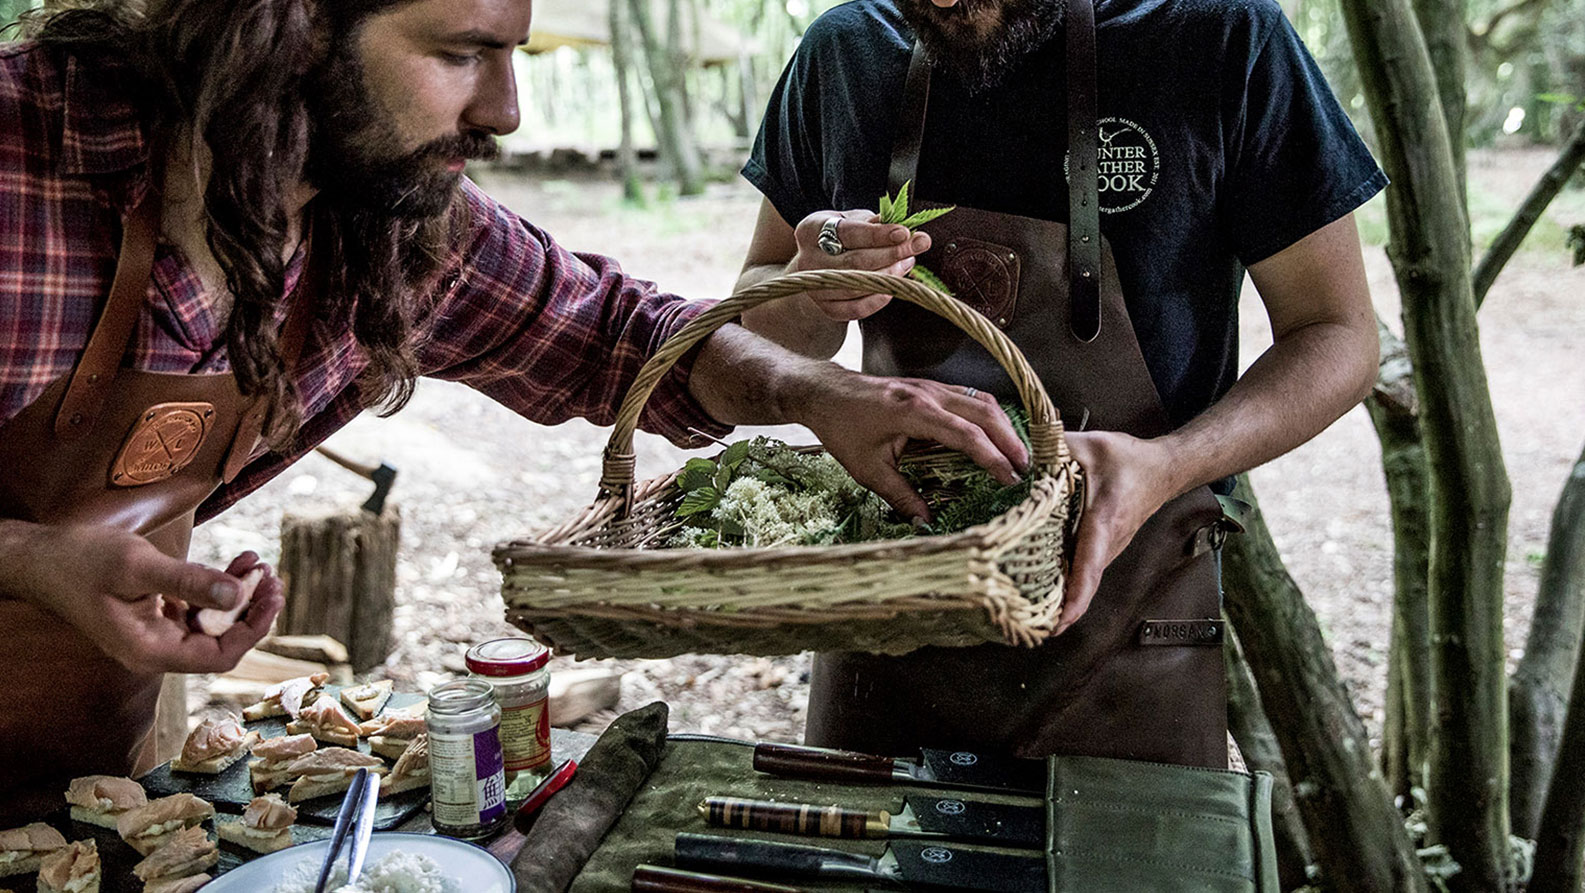 Twee mannen koken gezamenlijk in hun Witloft barbecue schort